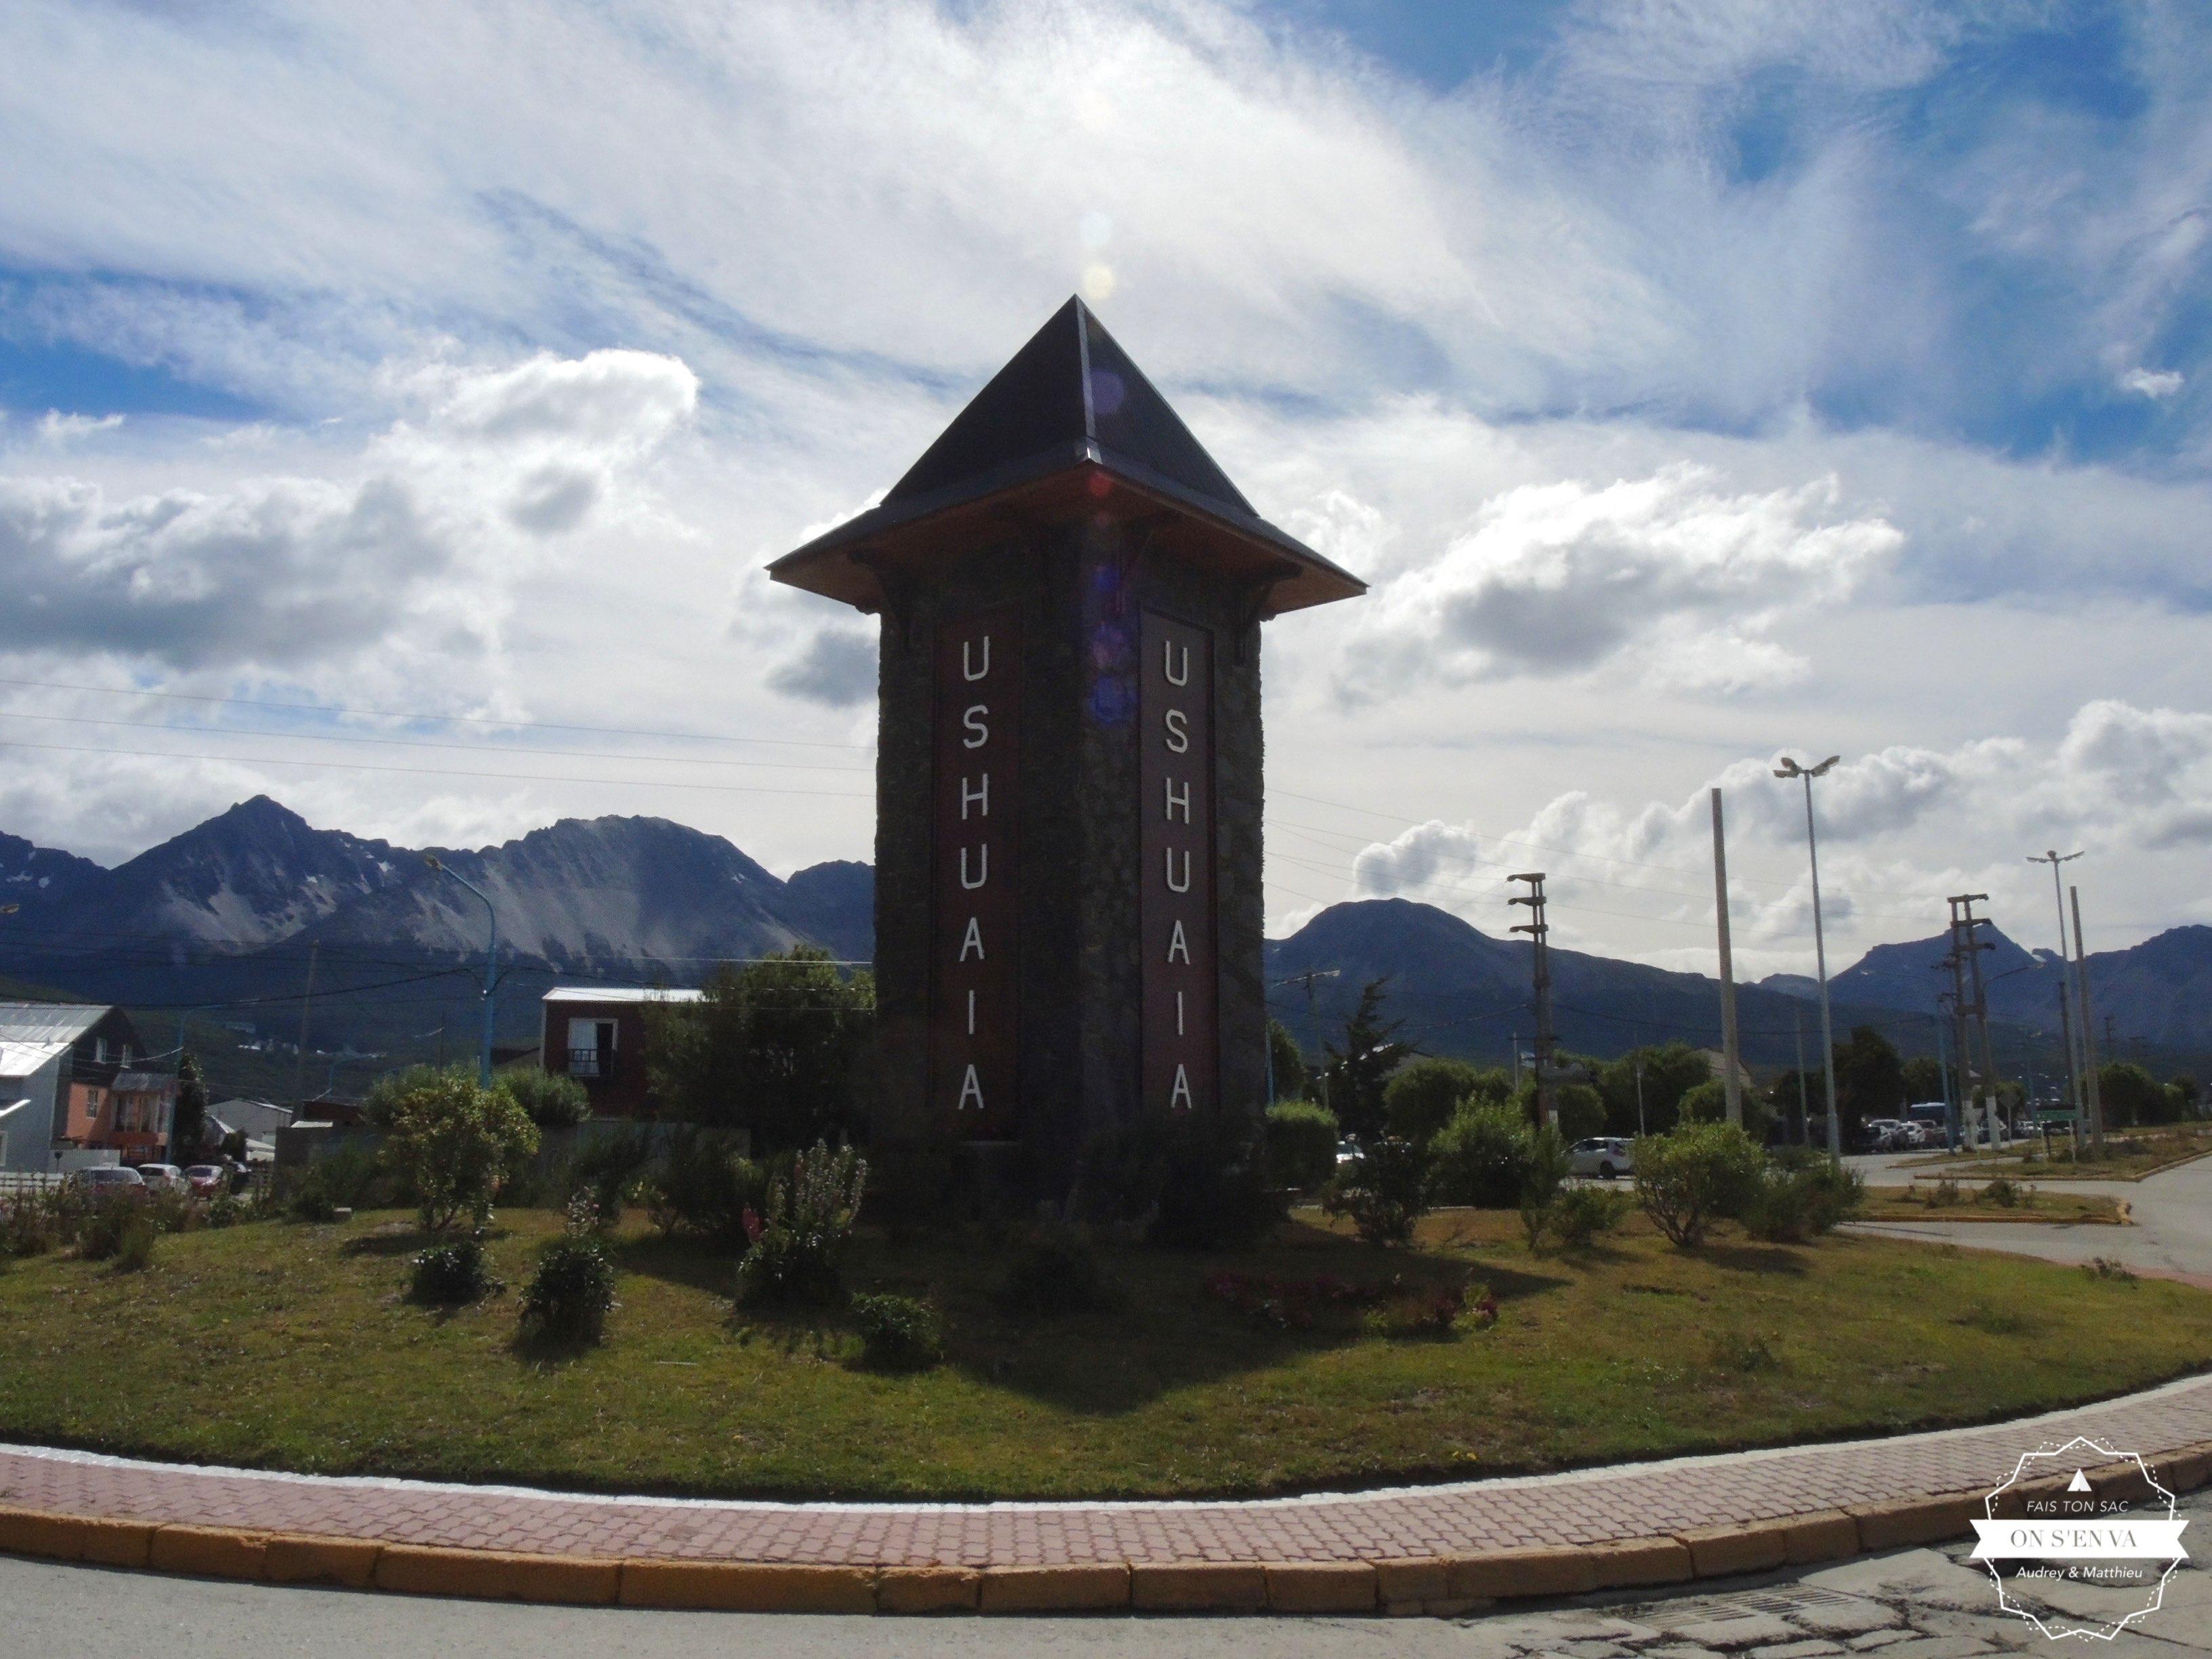 Ushuaia...